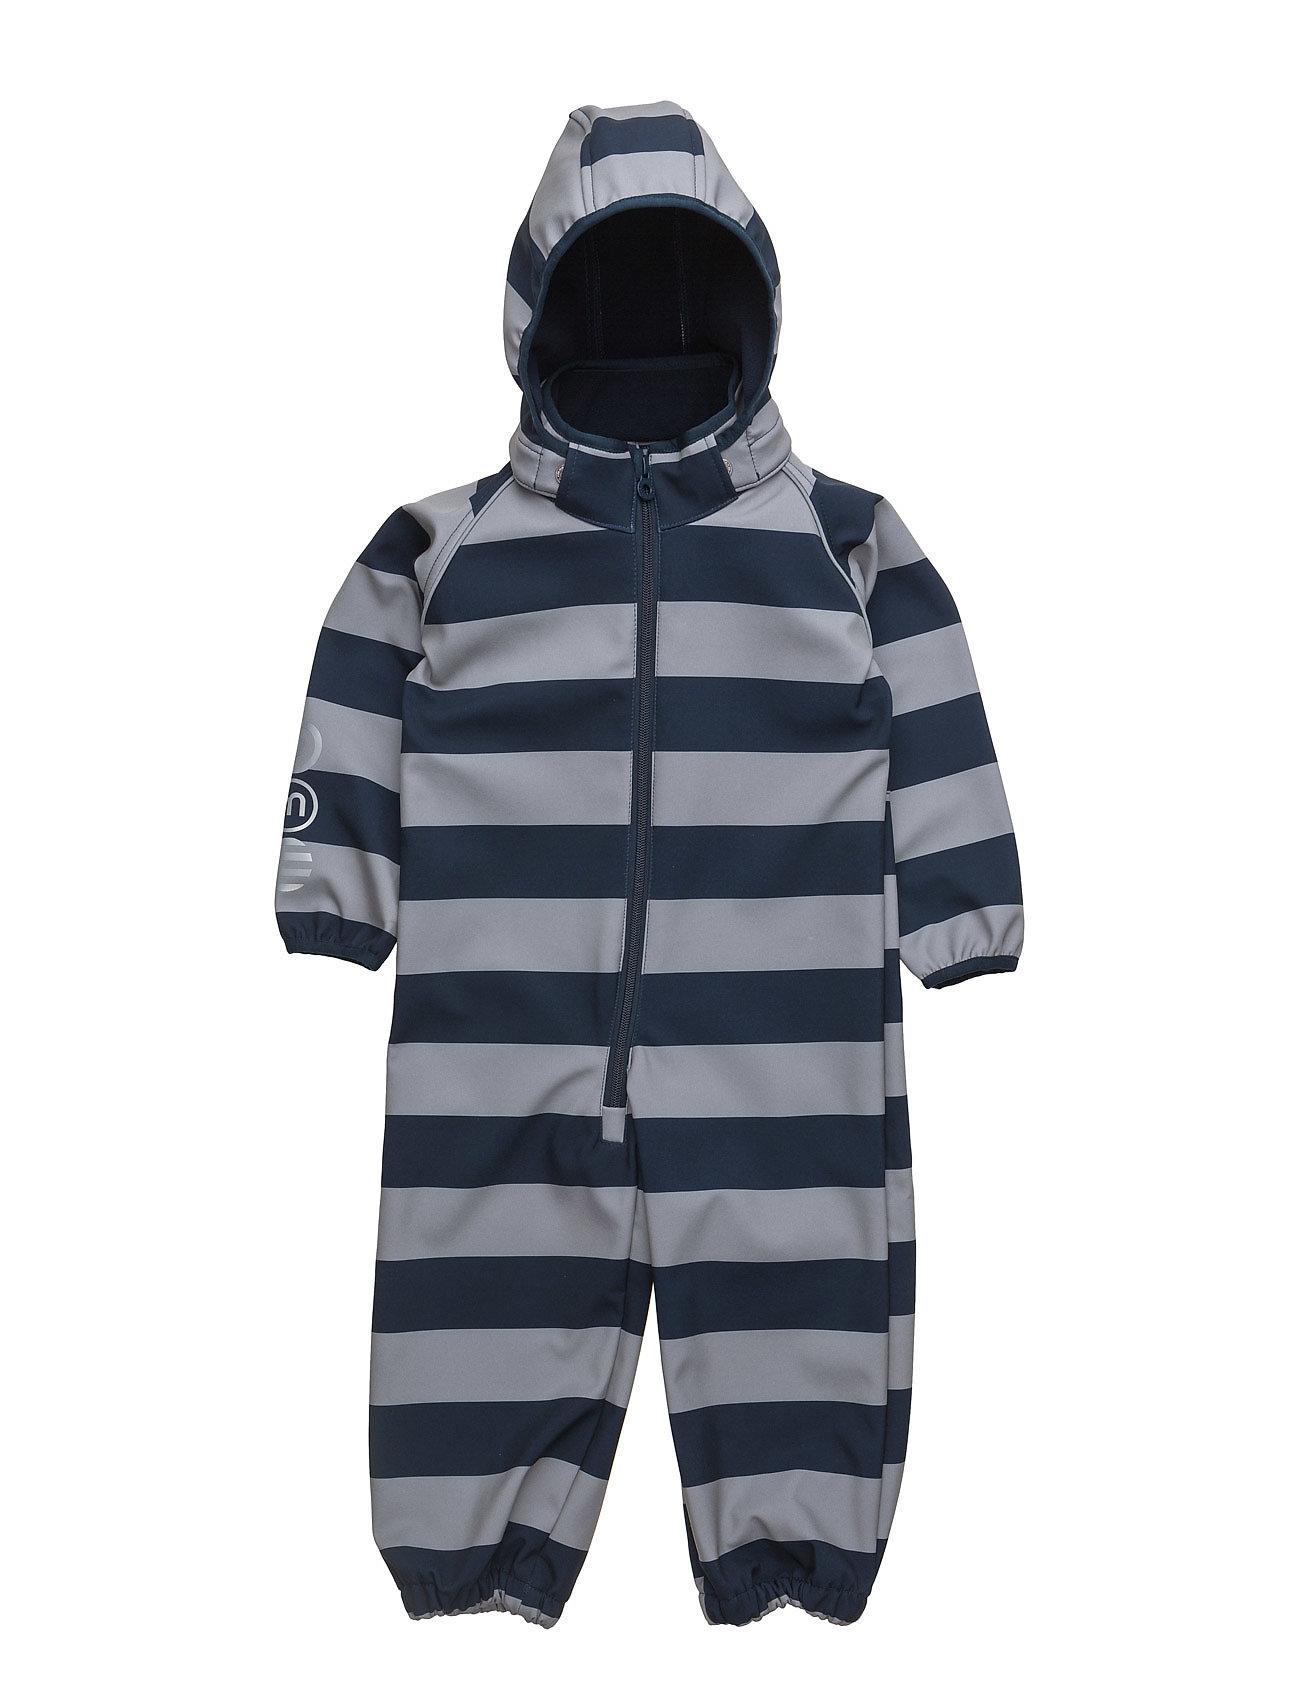 Jazz 59 -Softshell Suit Minymo Overtøj til Drenge i